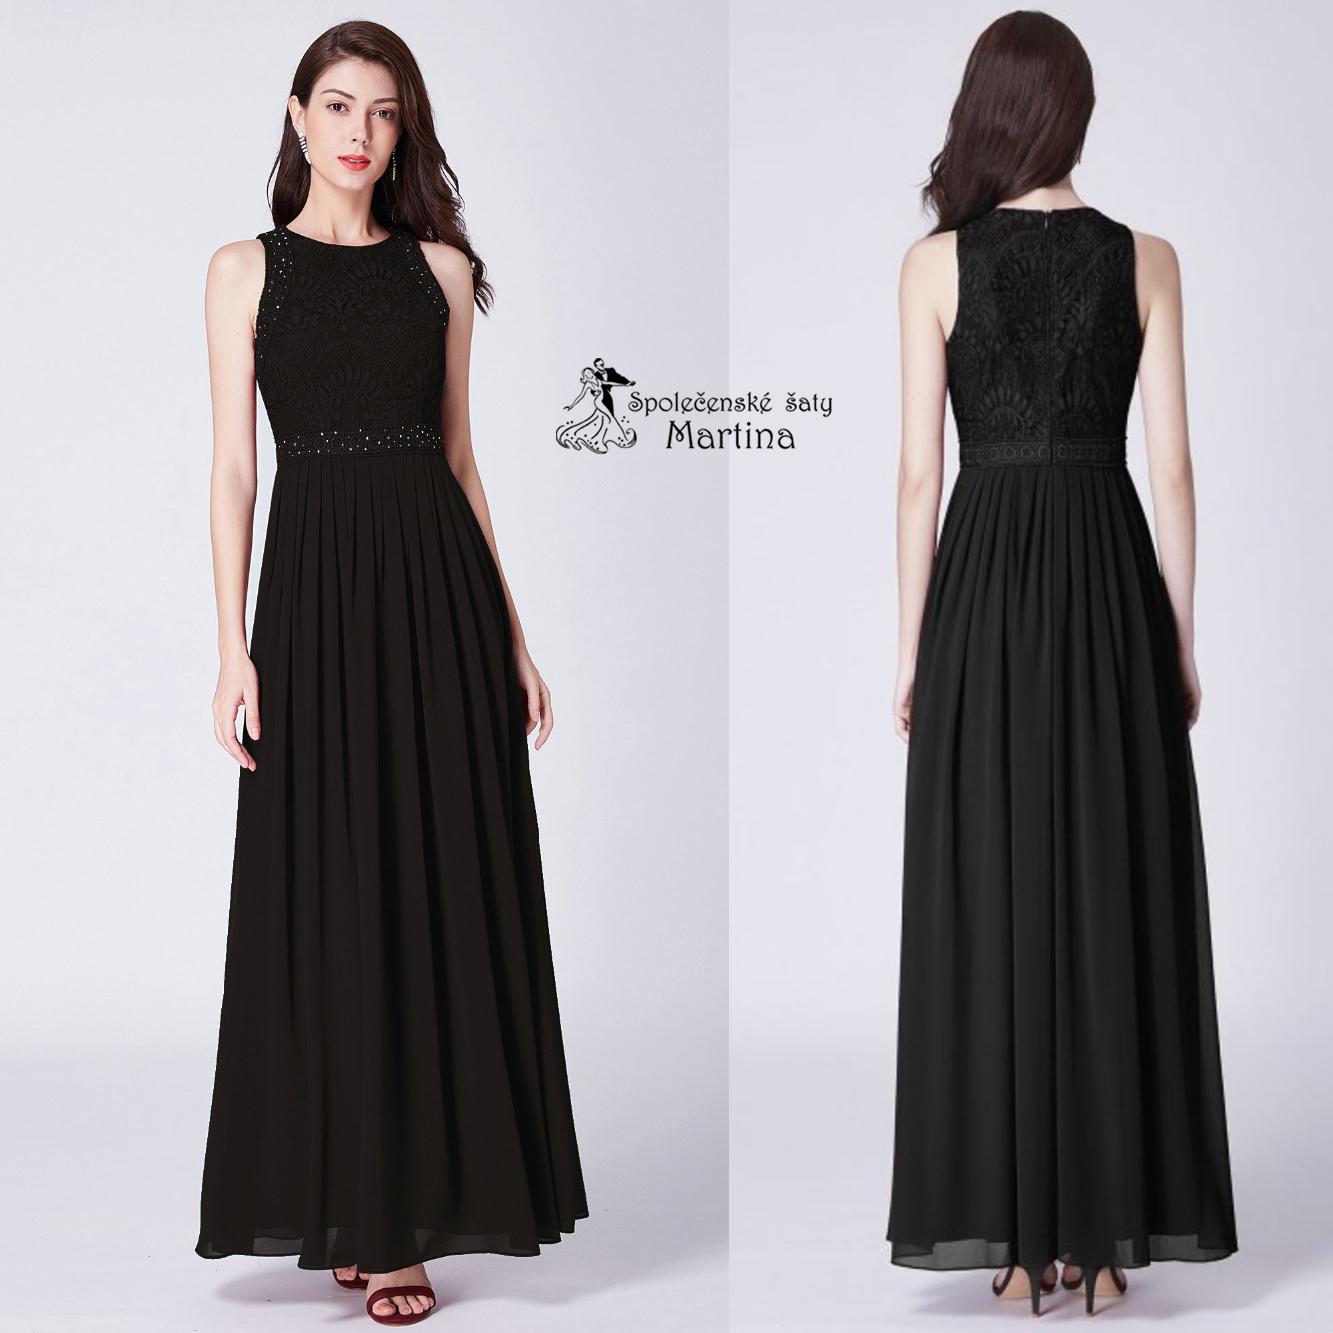 c247f61a4d97 Společenské šaty S K L A D E M